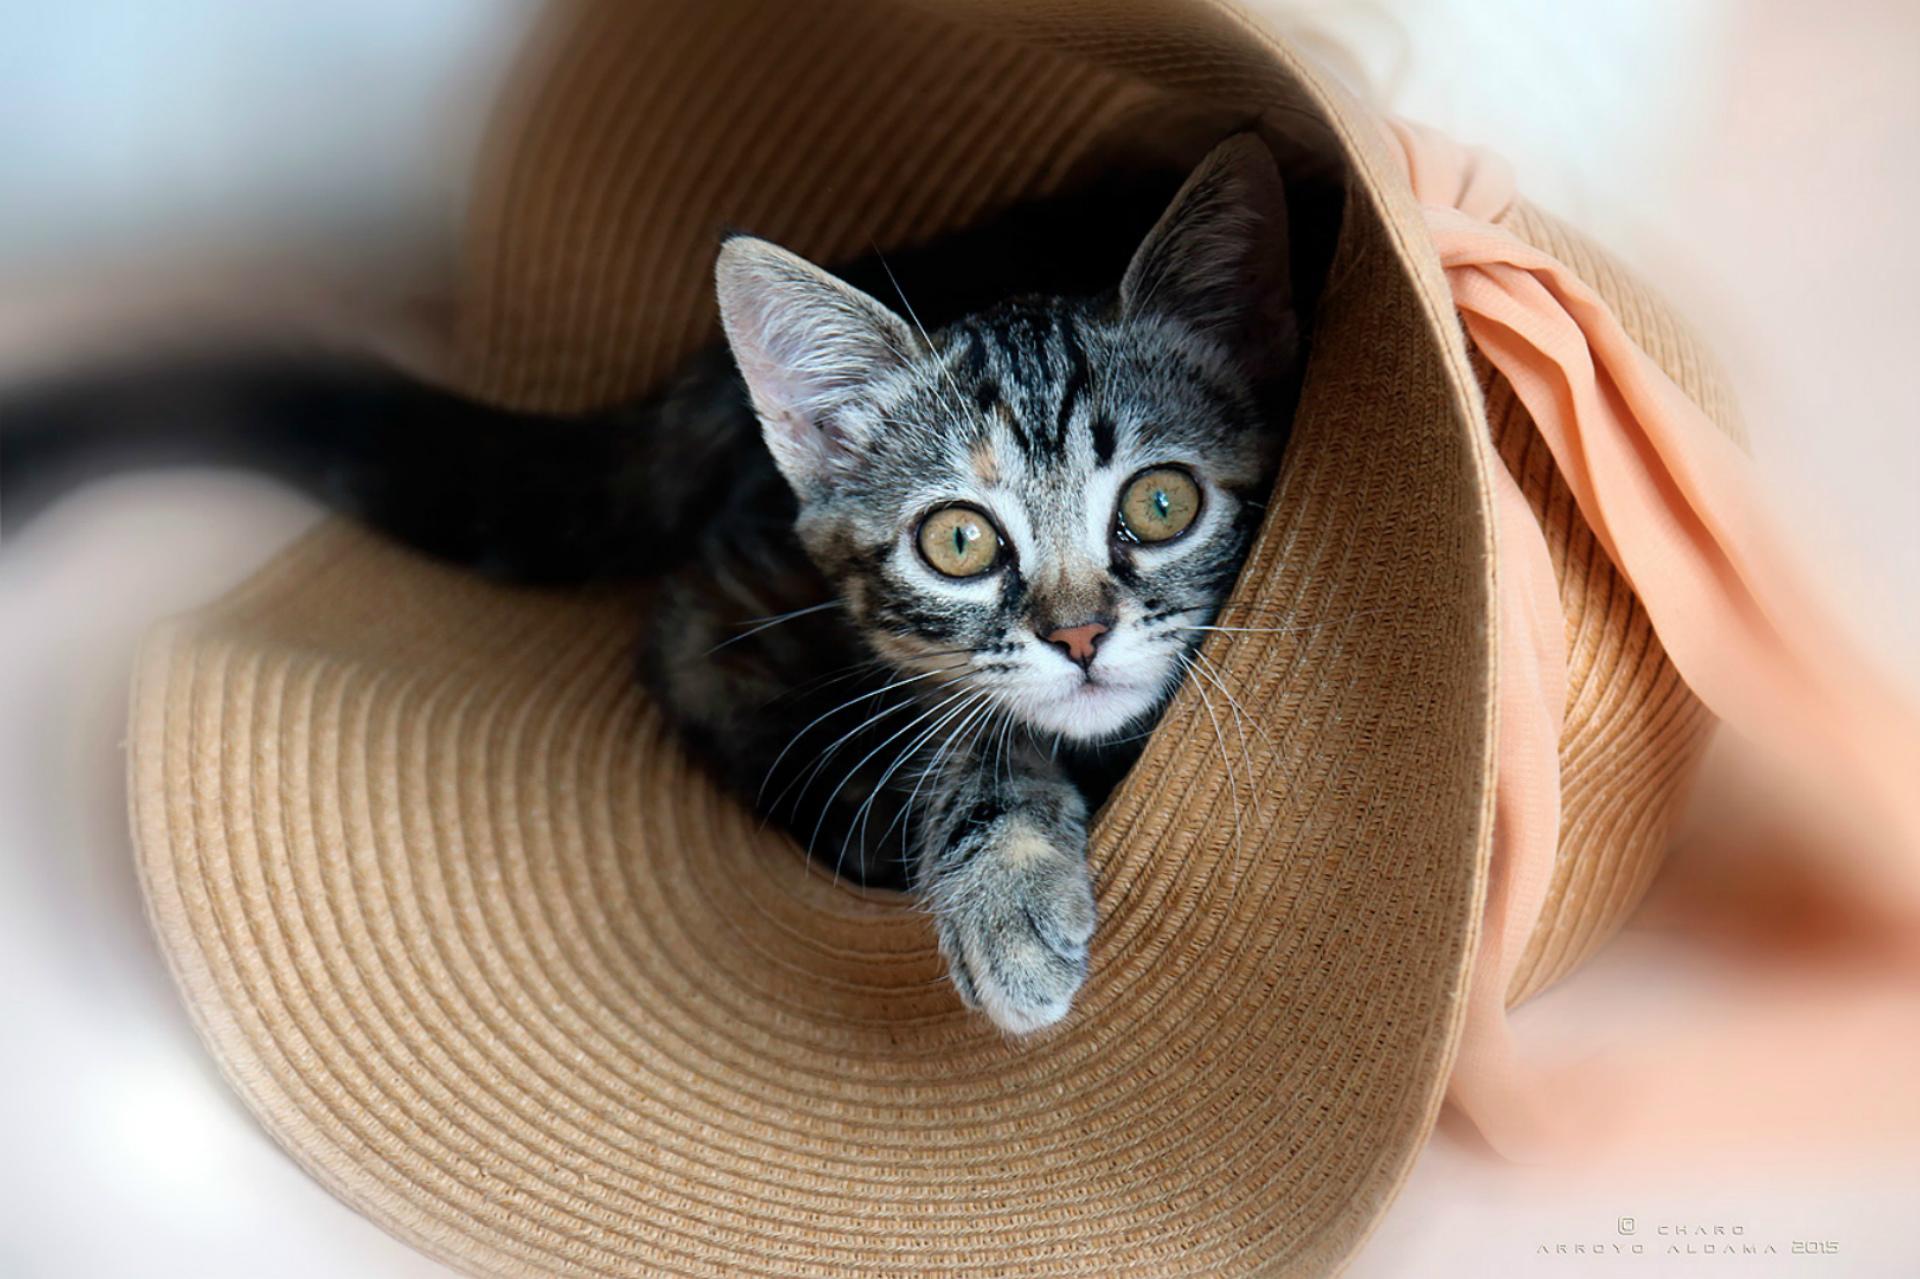 спорту красивые фото кошек в шляпе говоря